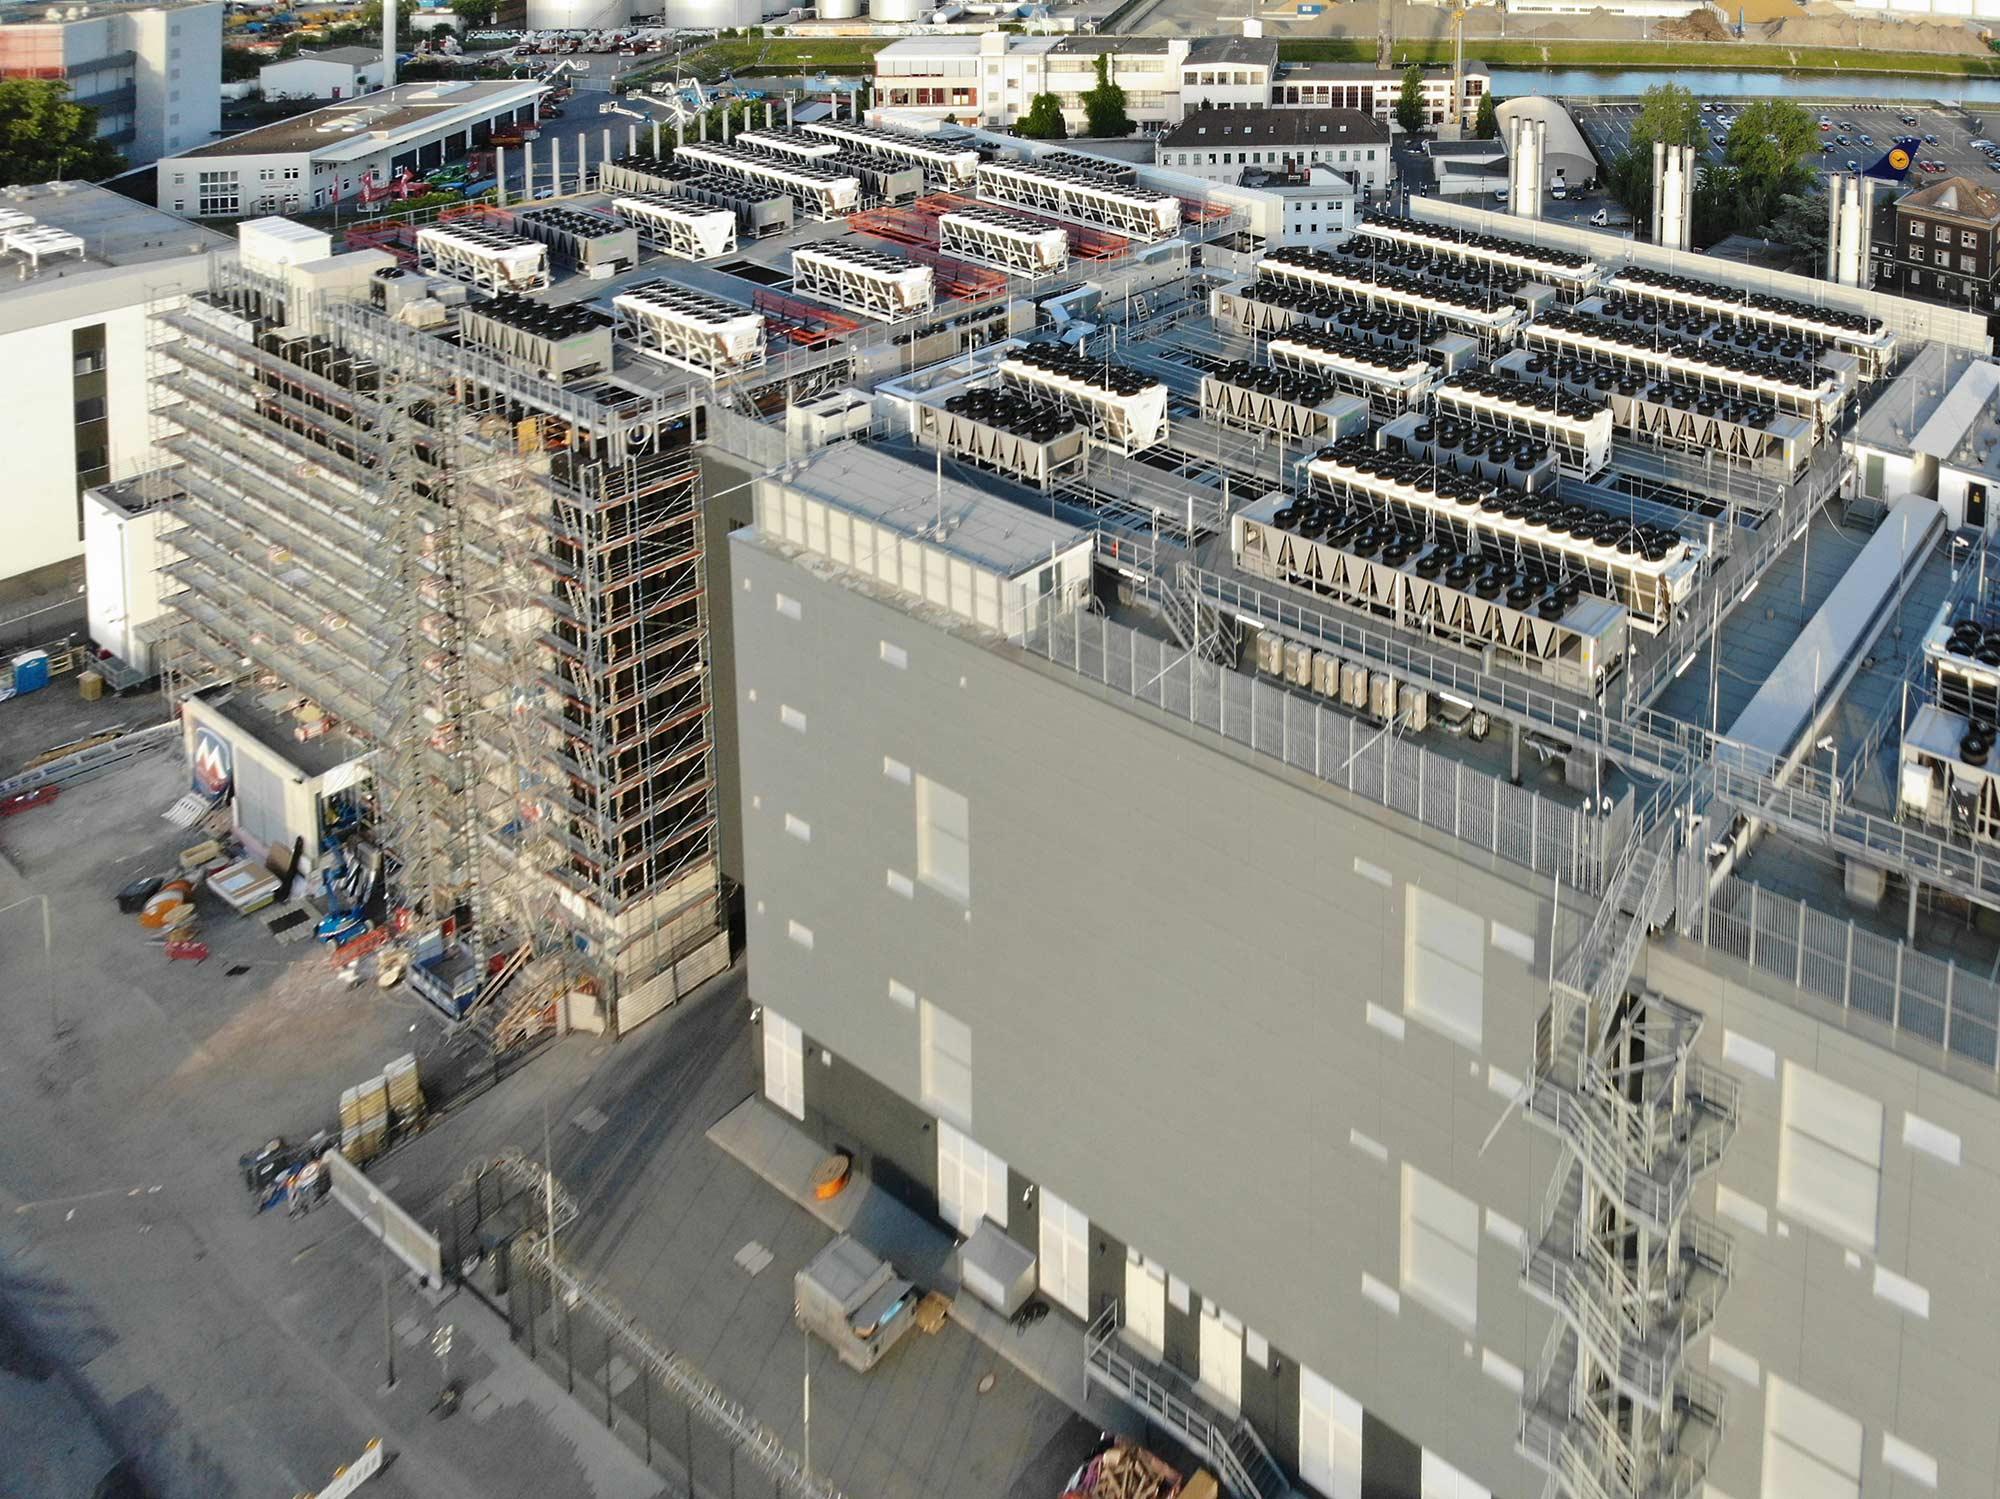 DE CIX Frankfurt - Interxion Rechenzentrum - Digital Realty Company - Luftbild von Rechenzentren in Frankfurt am Main